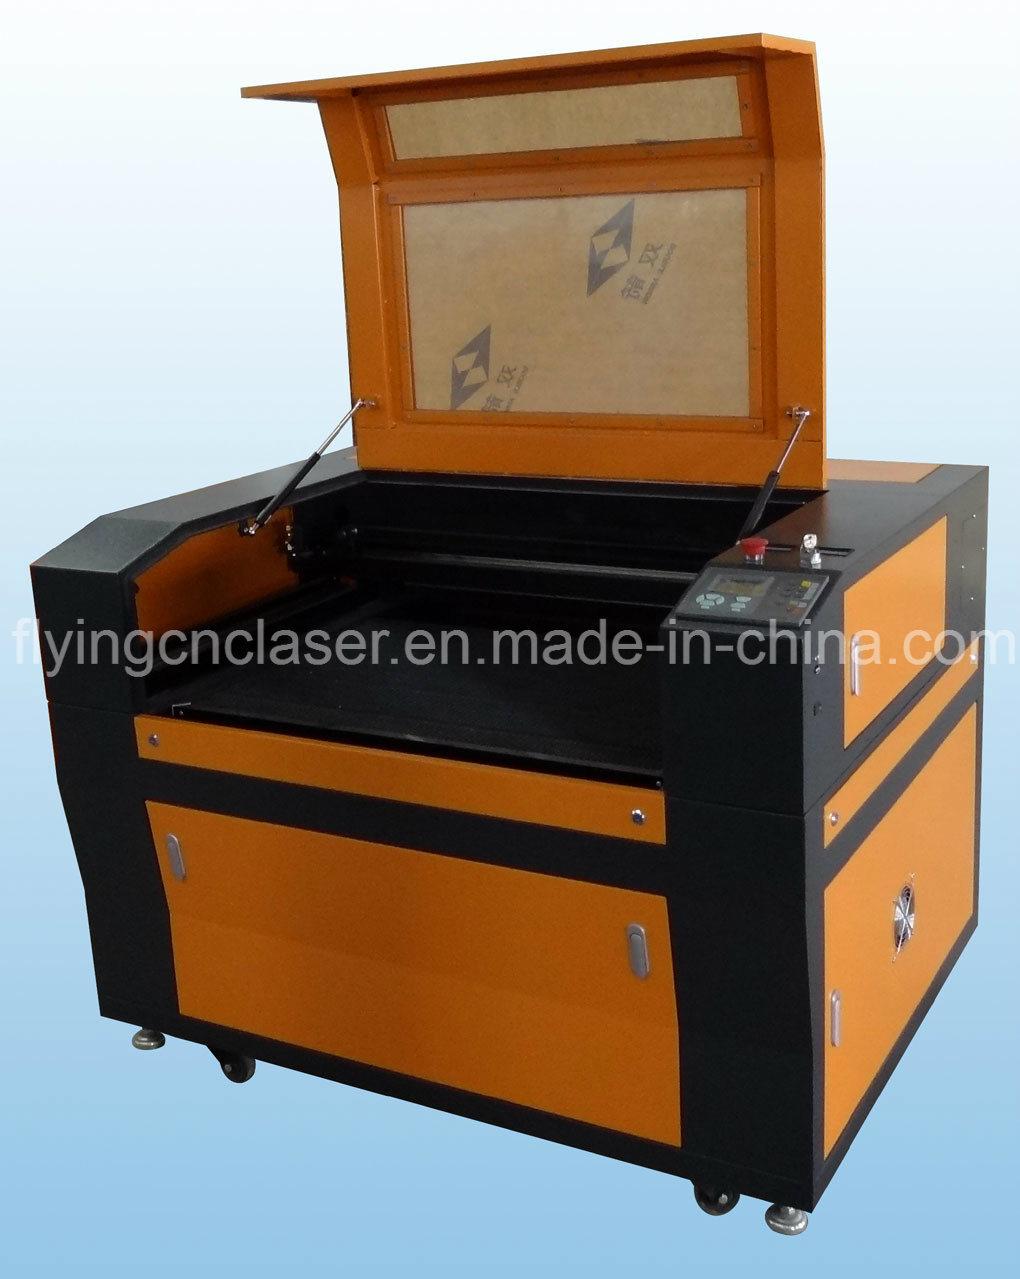 Flc9060 CNC Laser Cutting and Laser Engraving Machine